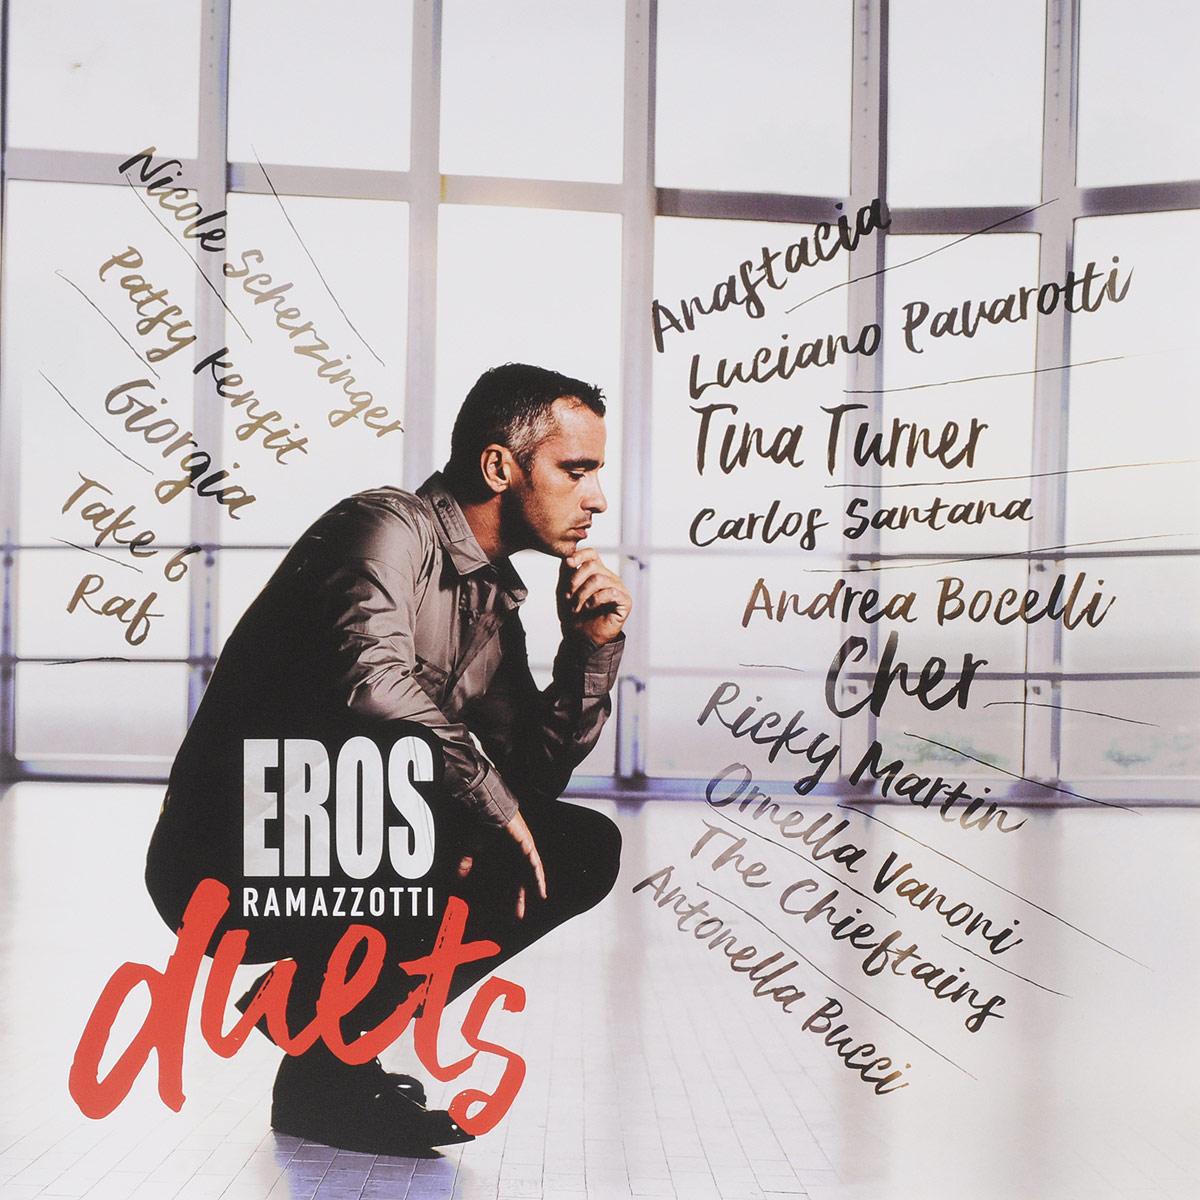 Эрос Рамазотти Eros Ramazzotti. Eros Duets (2 LP) eros m edt